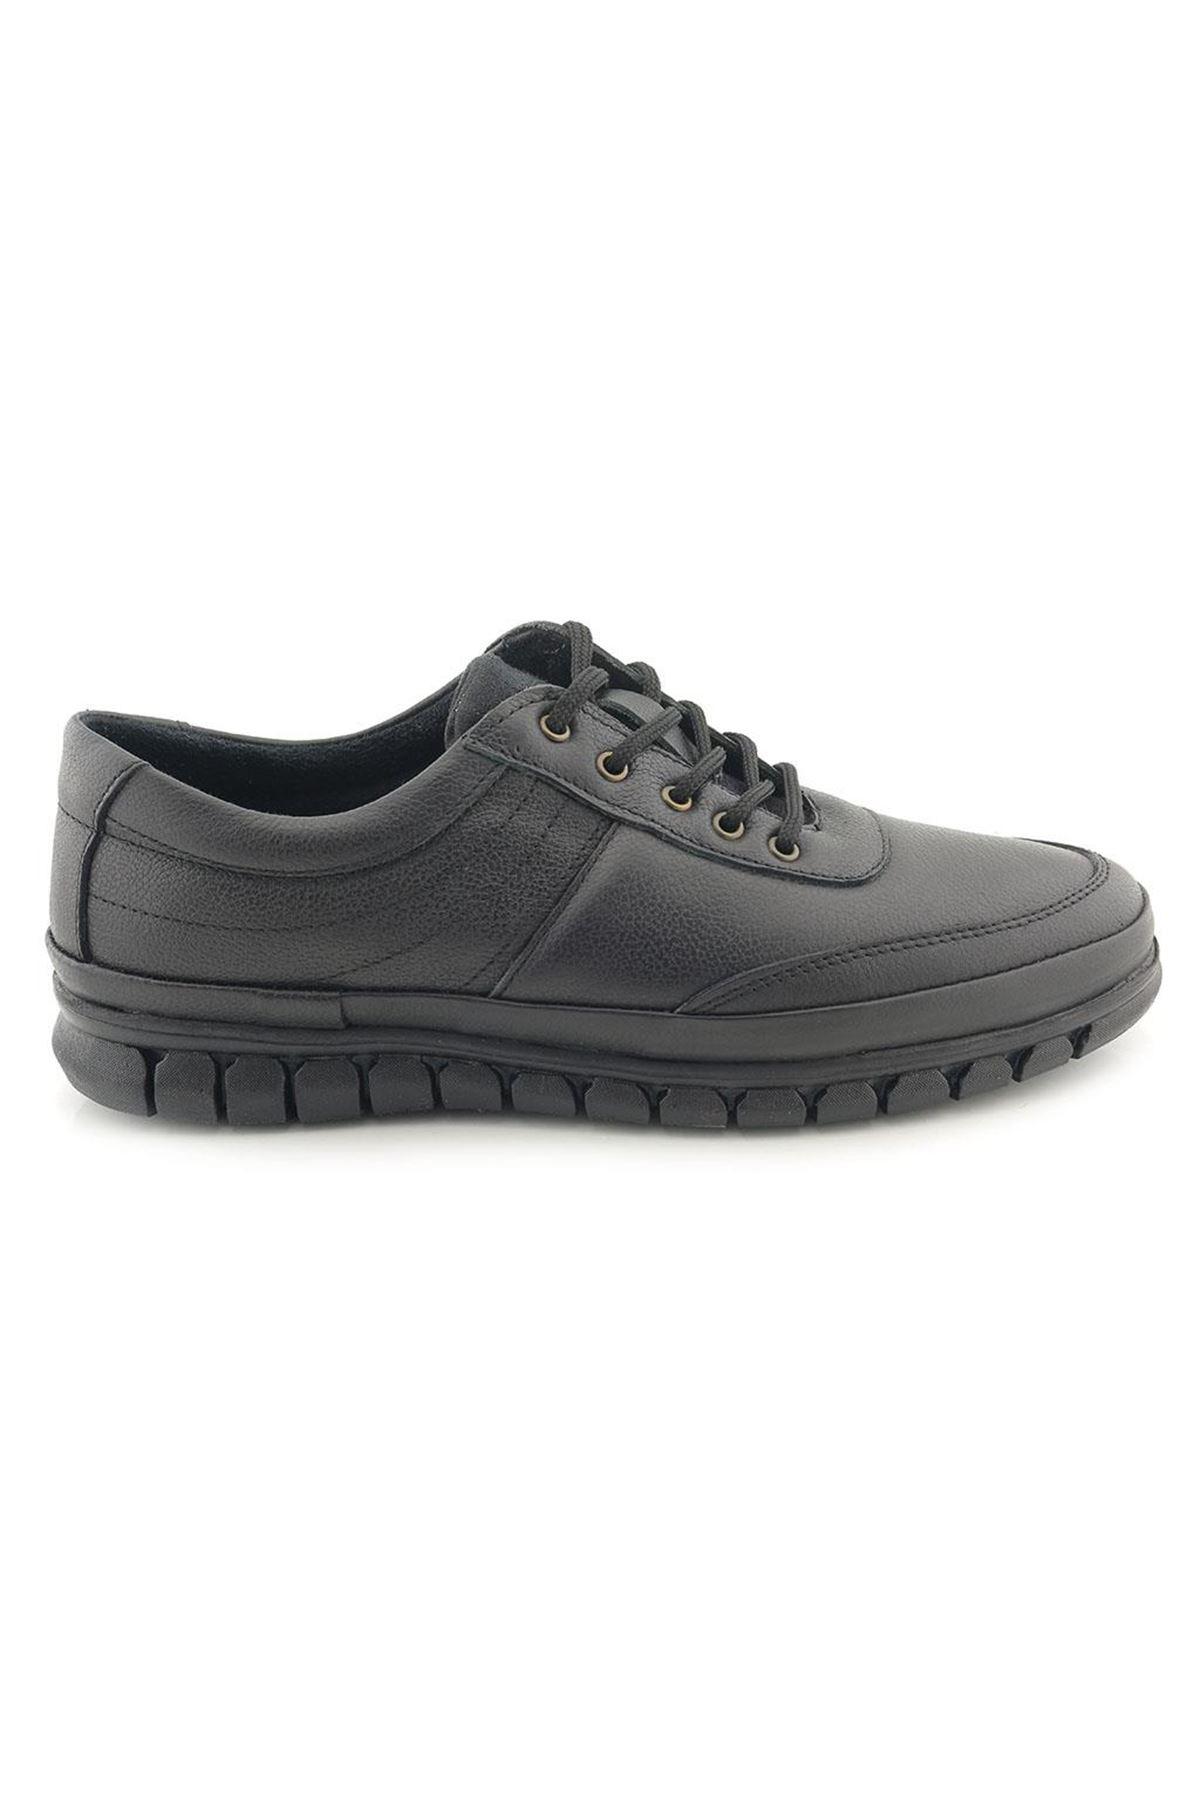 Mertto 002 Hakiki Deri İç Dış Casual Erkek Ayakkabı